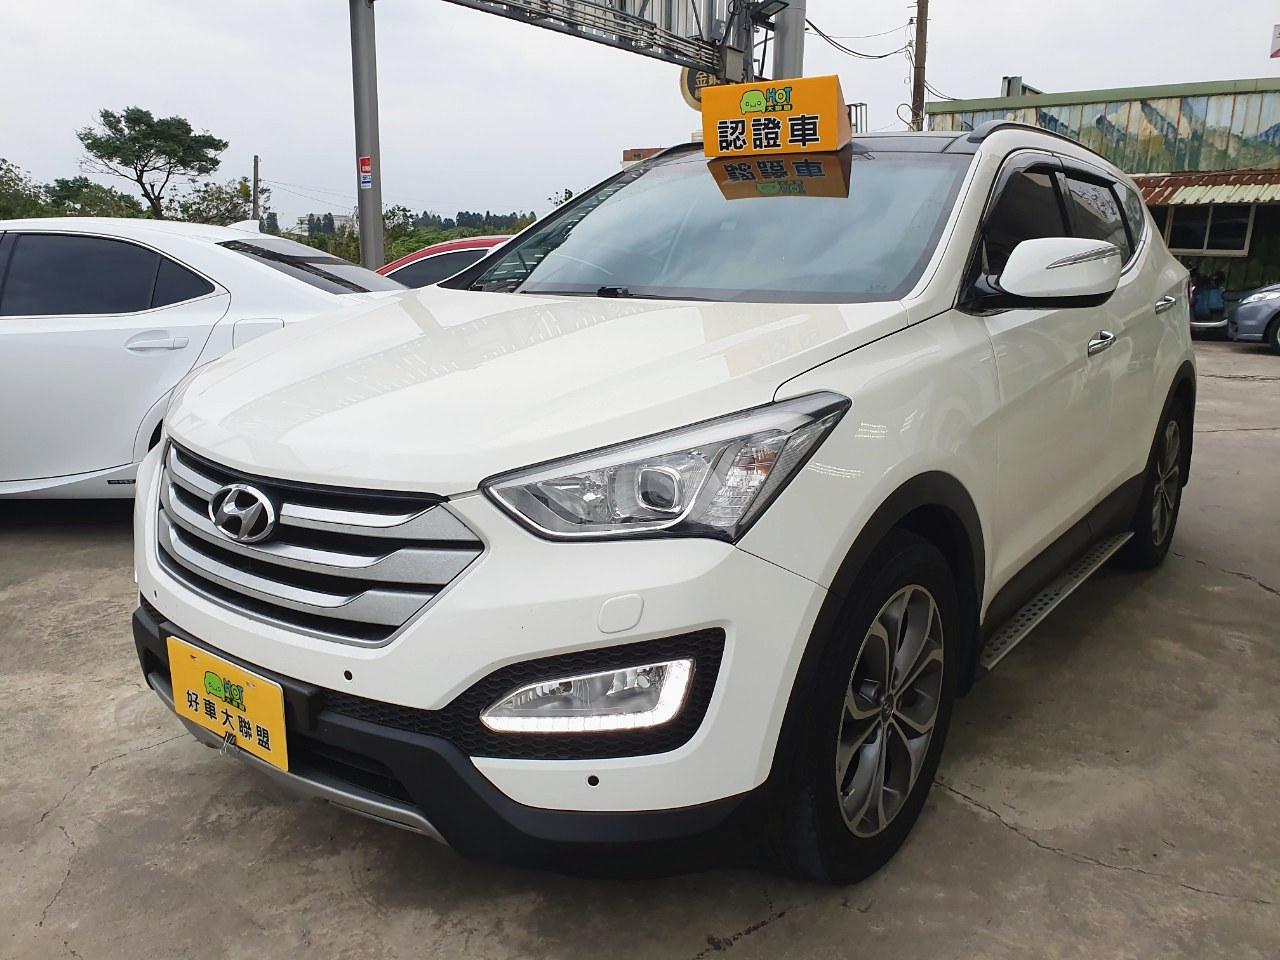 2015 Hyundai 現代 Santa Fe